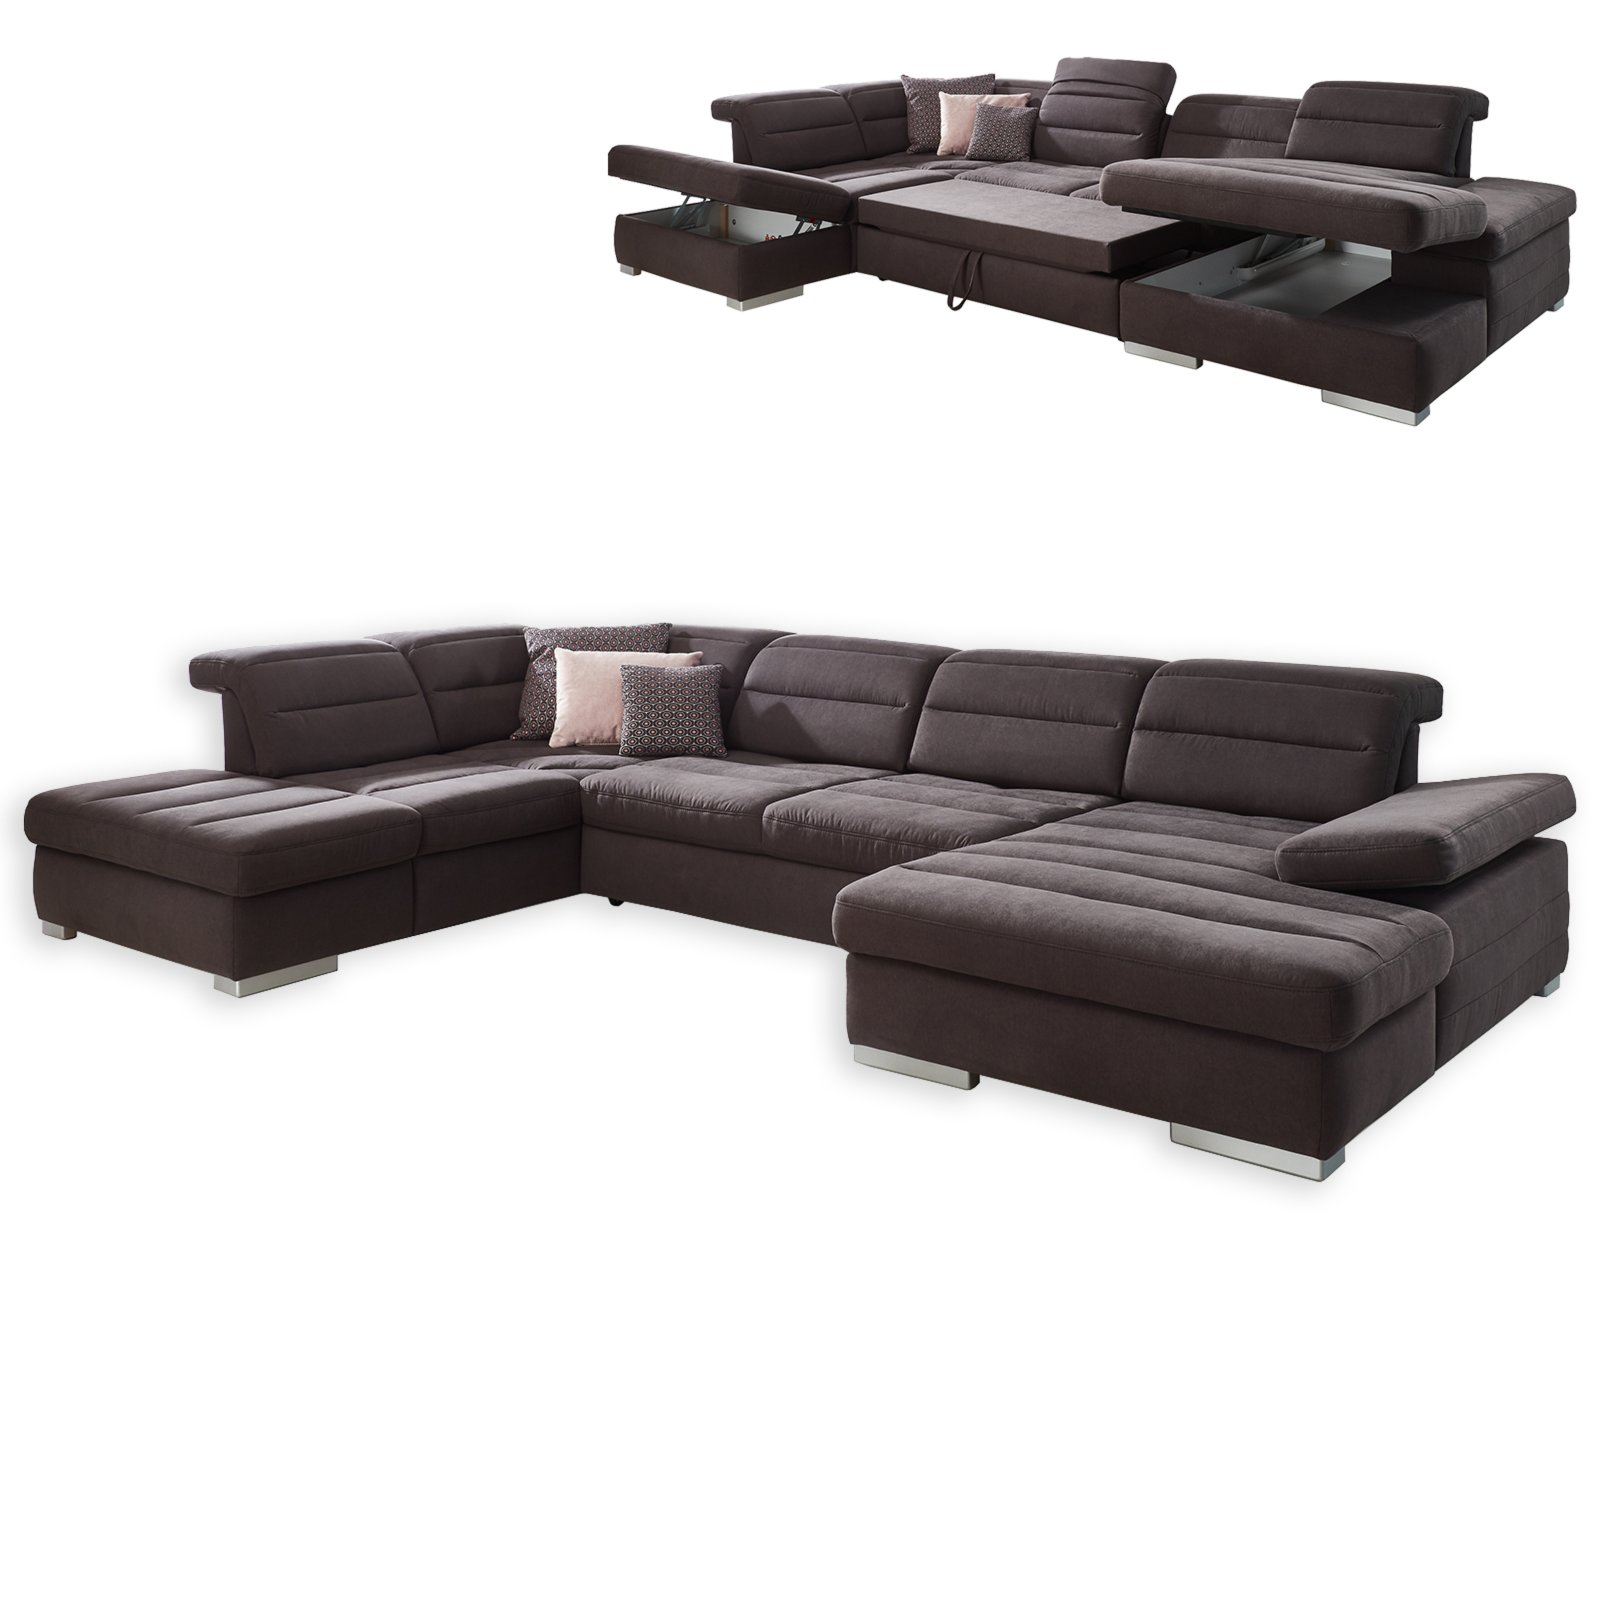 wohnlandschaft braun mit liegefunktion und bettkasten. Black Bedroom Furniture Sets. Home Design Ideas